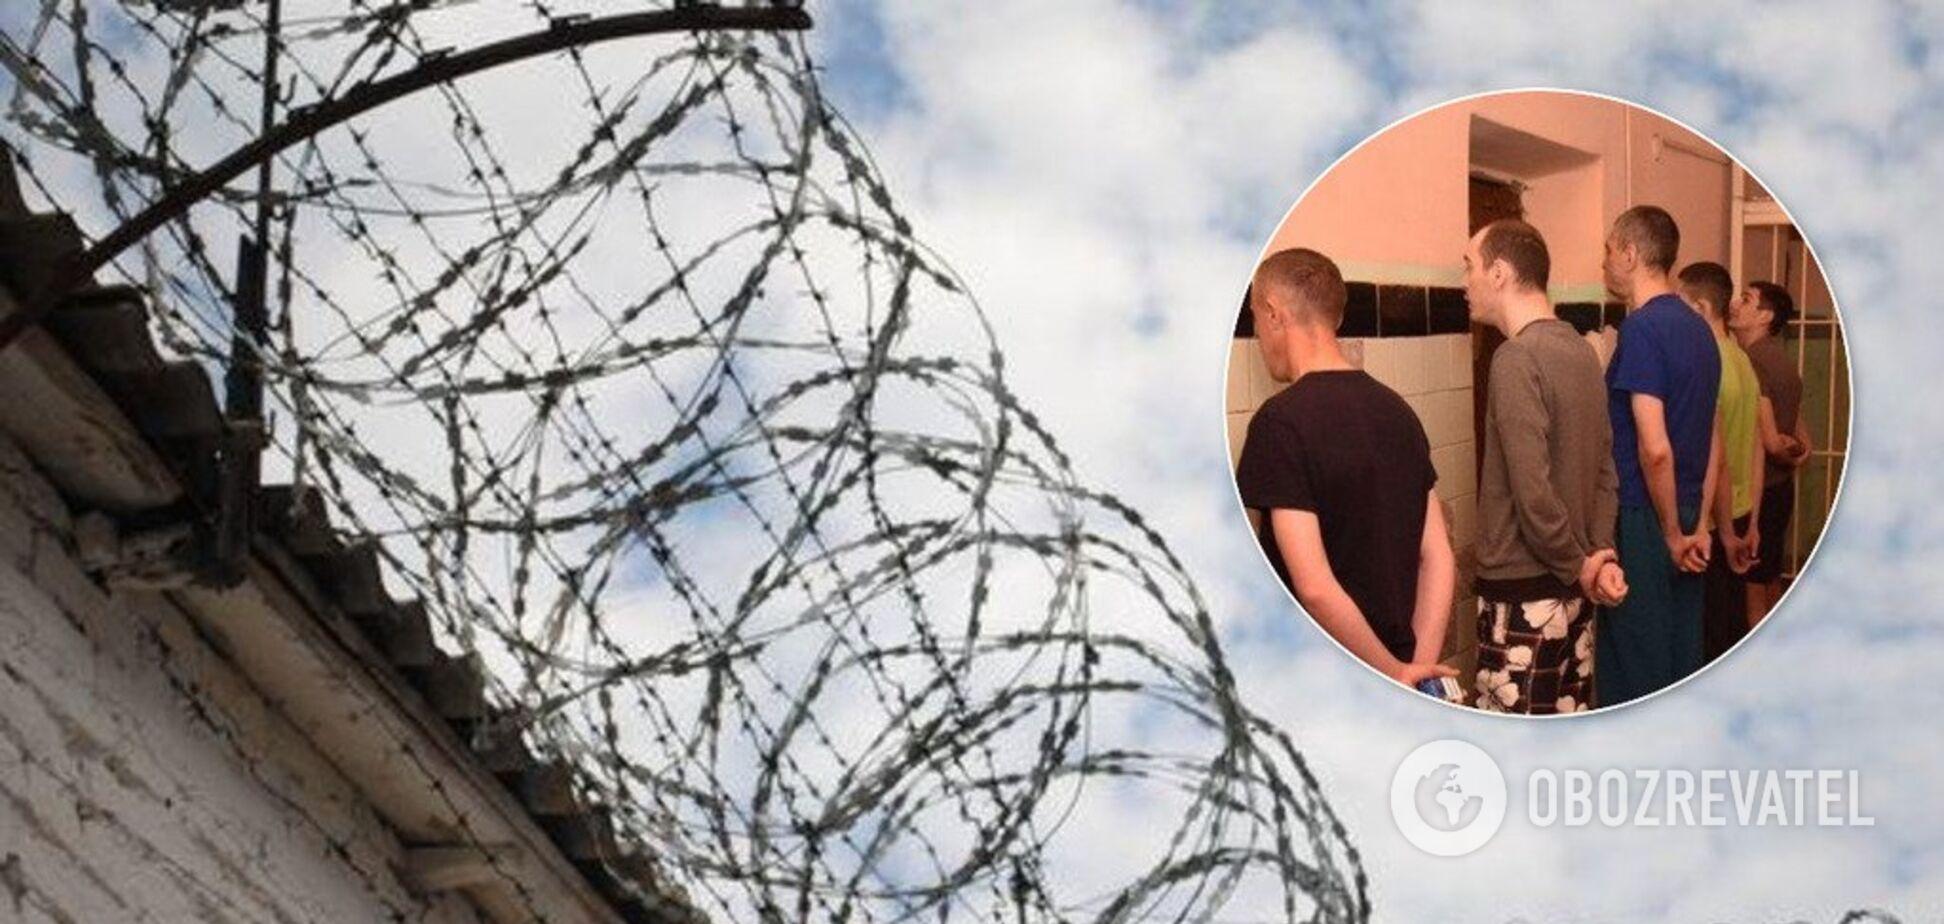 В Кропивницком пошли на радикальные меры из-за бунта заключенных в СИЗО